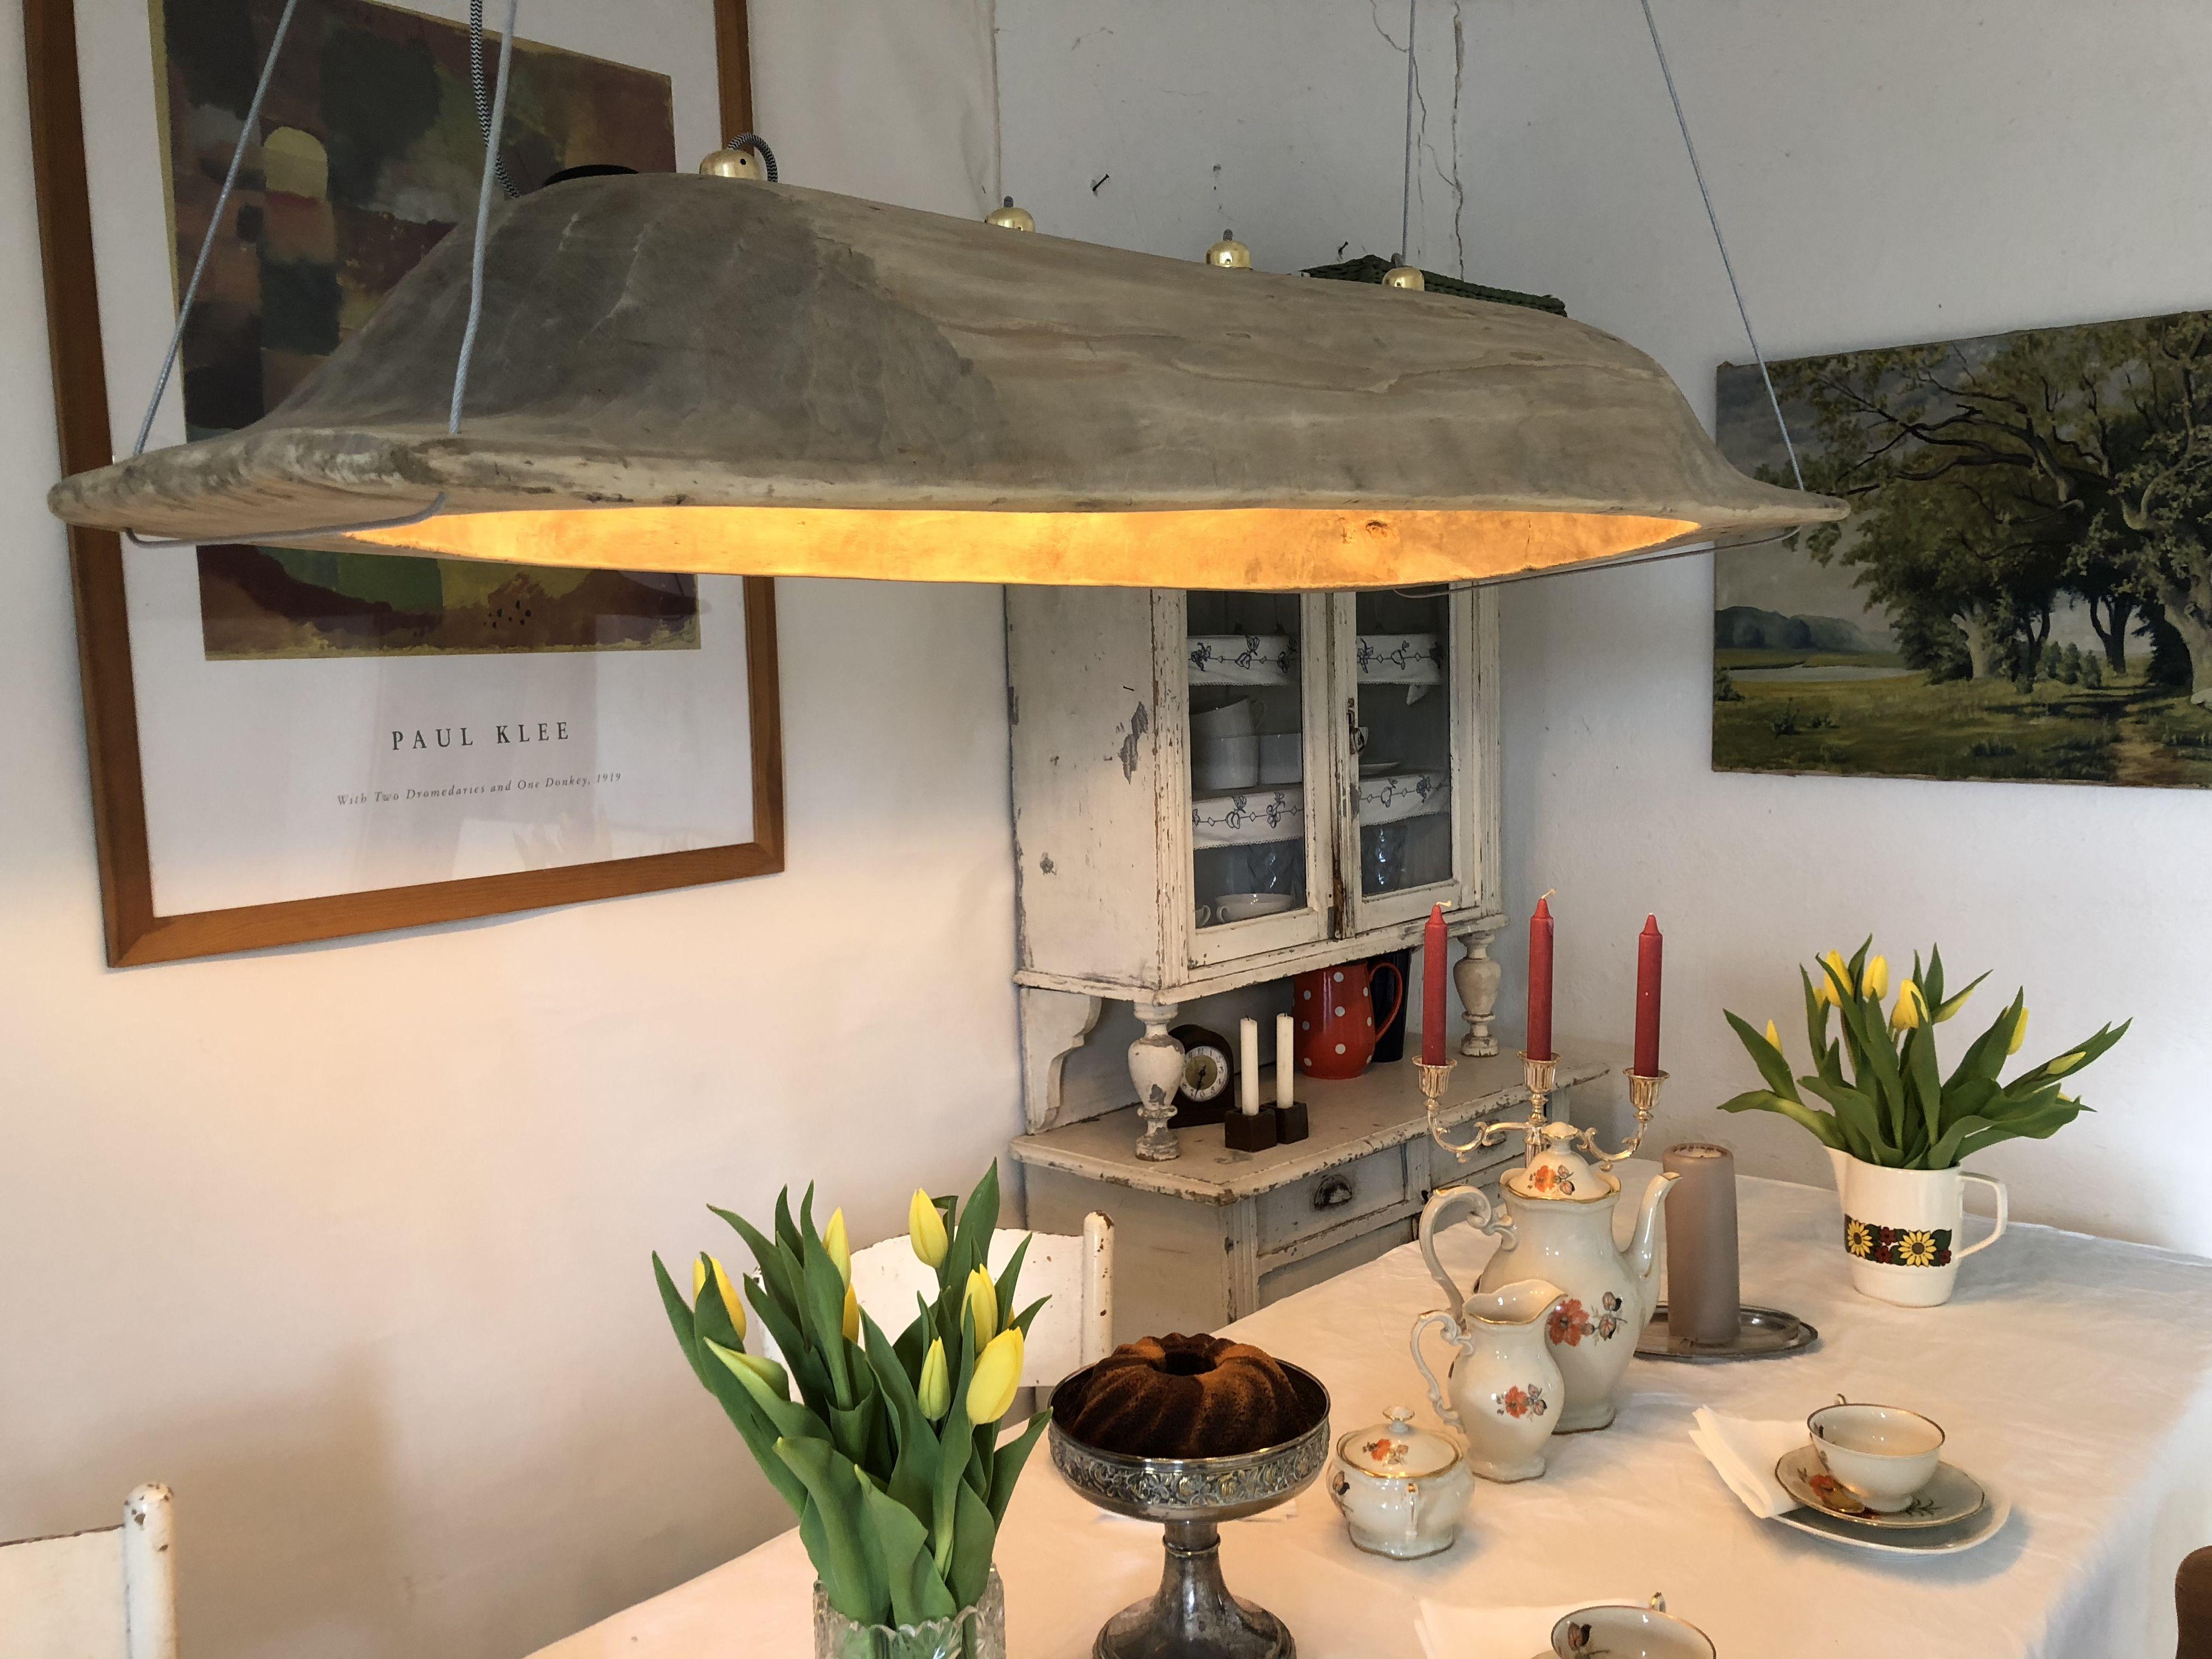 Alter Holztrog Wird Zur Lampe Handgefertigtes Einzelstuck Mit Led Leuchtkugeln Ausgestattet Vintage Lampen Lampen Holztrog